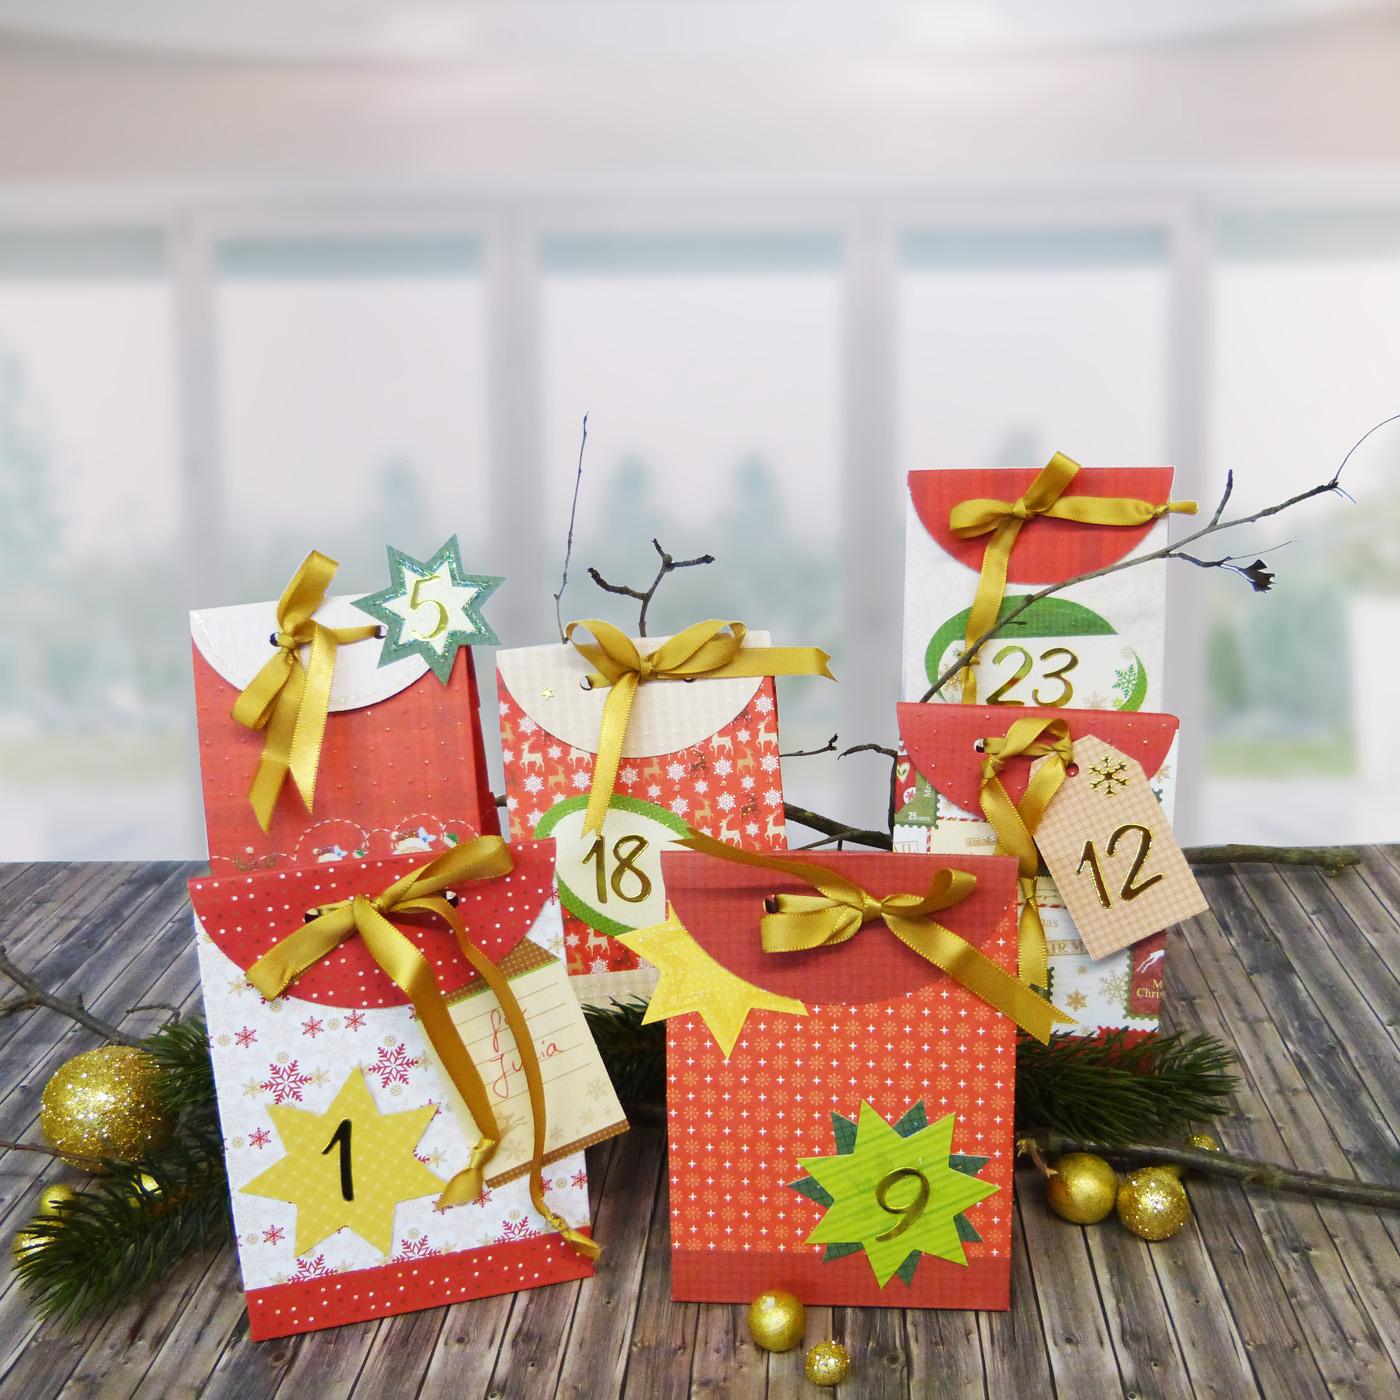 Saisonales basteln bastelanleitungen und tolle ideen for Basteln weihnachten erwachsene